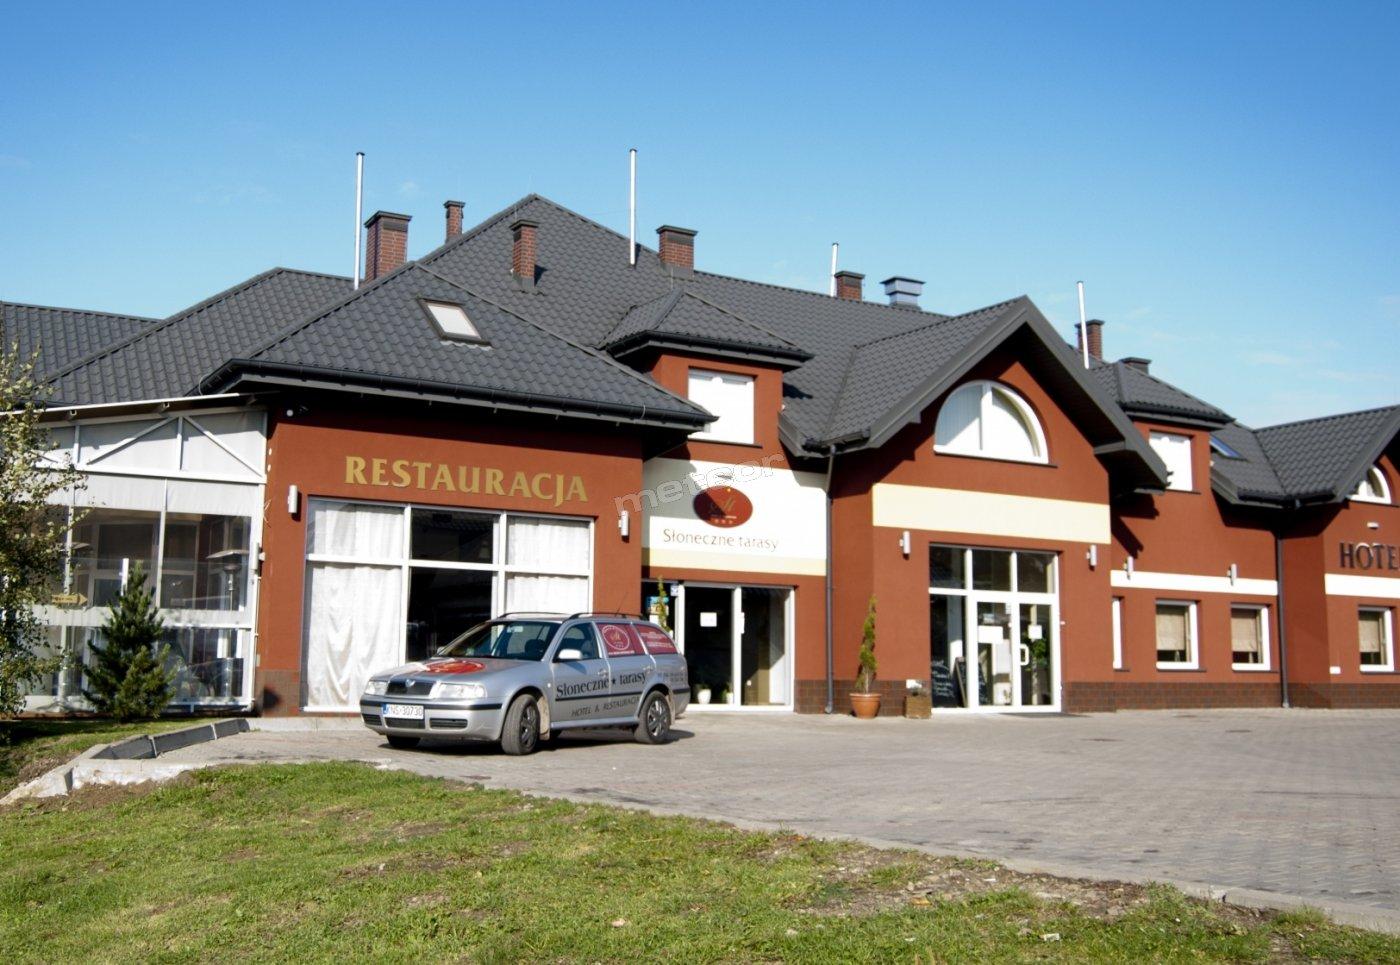 Restauracja Słoneczne Tarasy